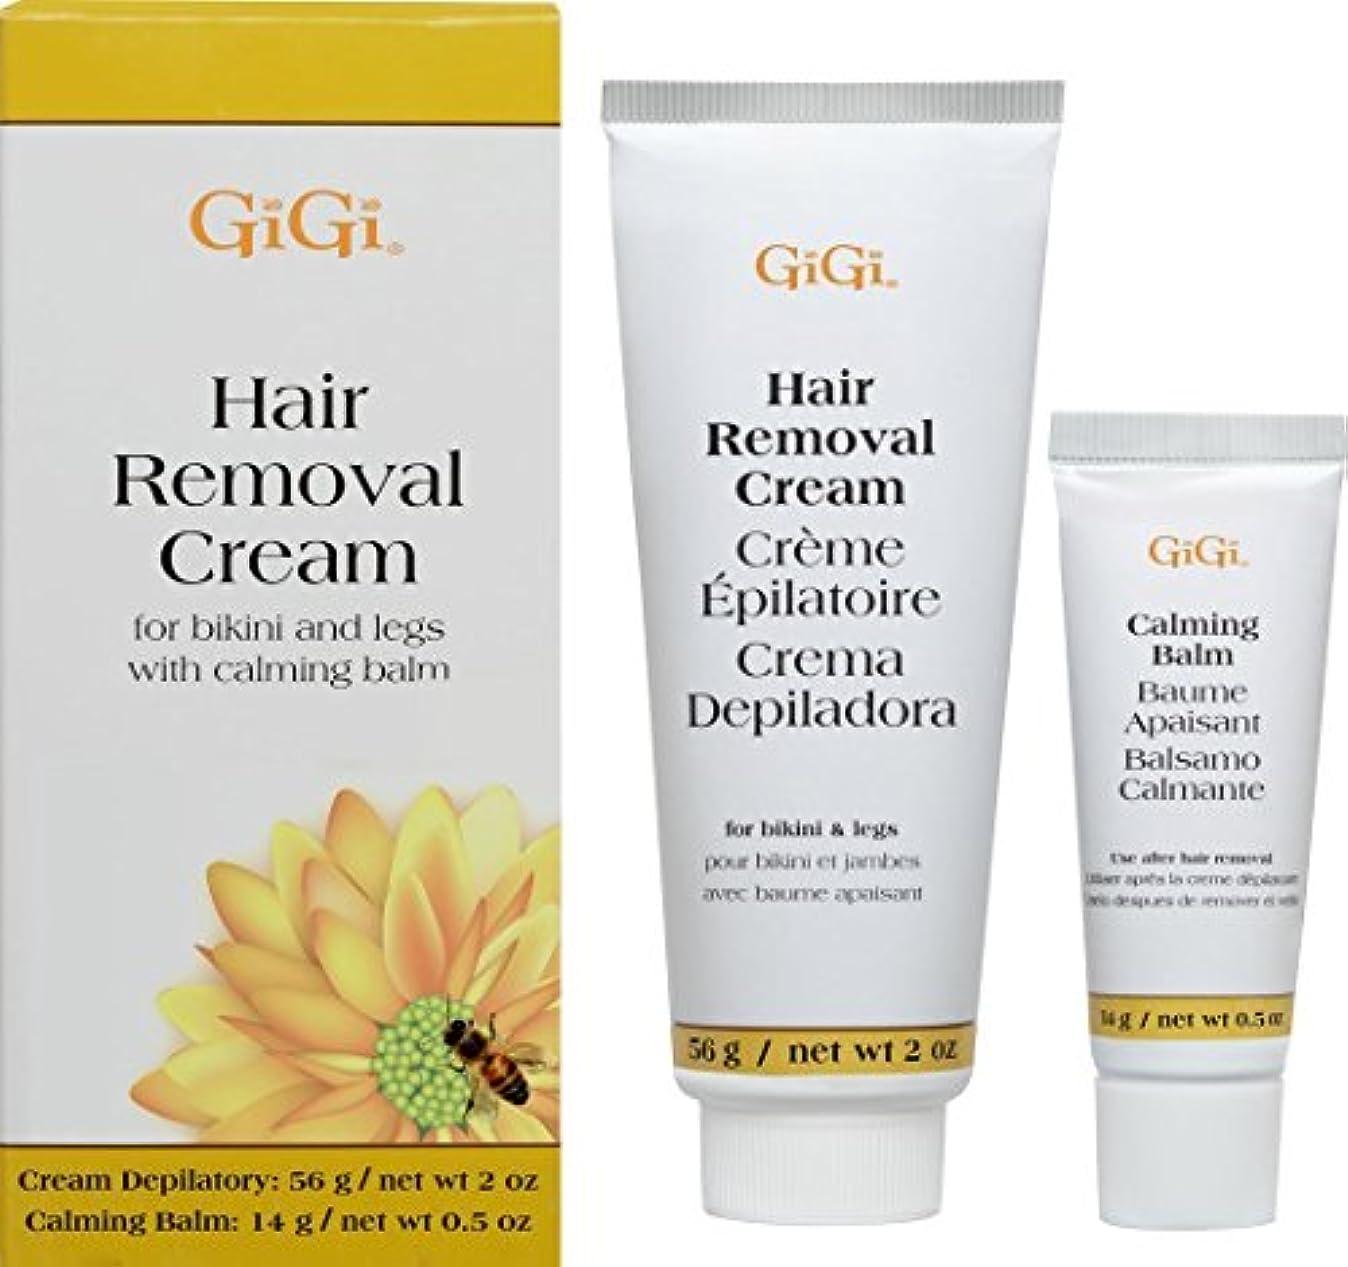 喉が渇いた鮮やかな背が高い(1) - Gigi Hair Removal Cream W/Balm For Bikini & Legs